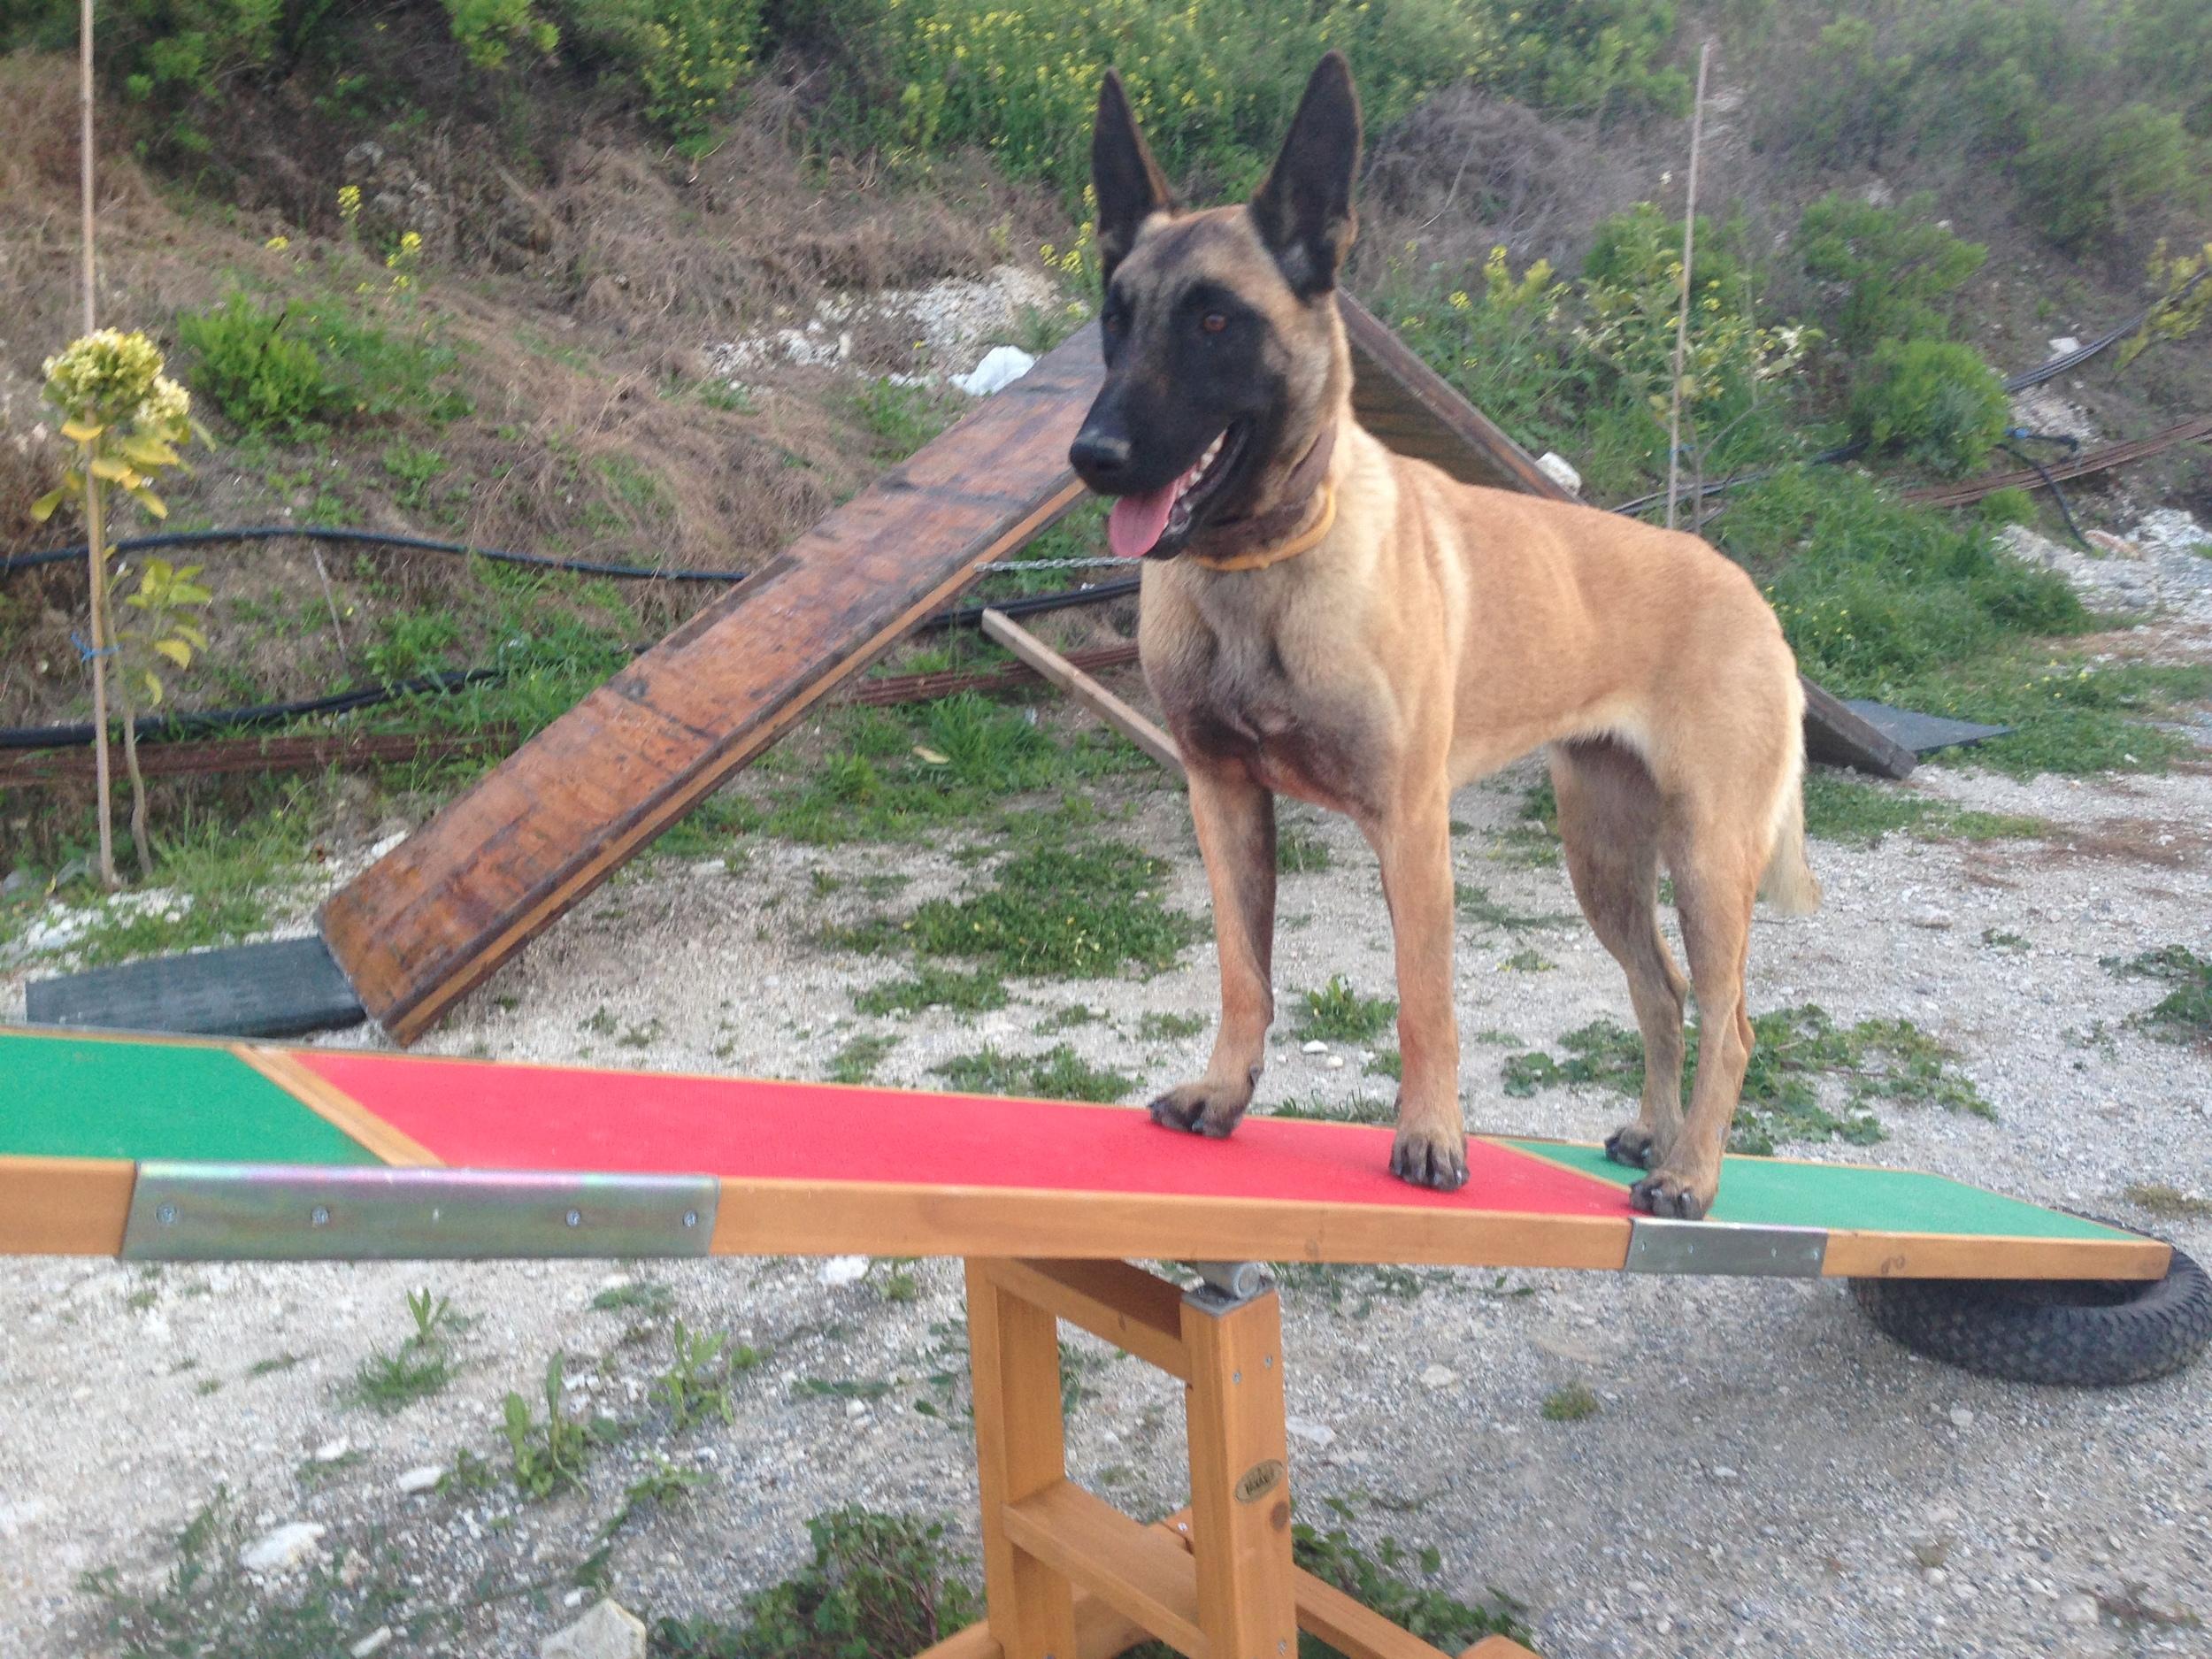 dog_ranch_cyprus_dog_hotel_agility_Tara.JPG